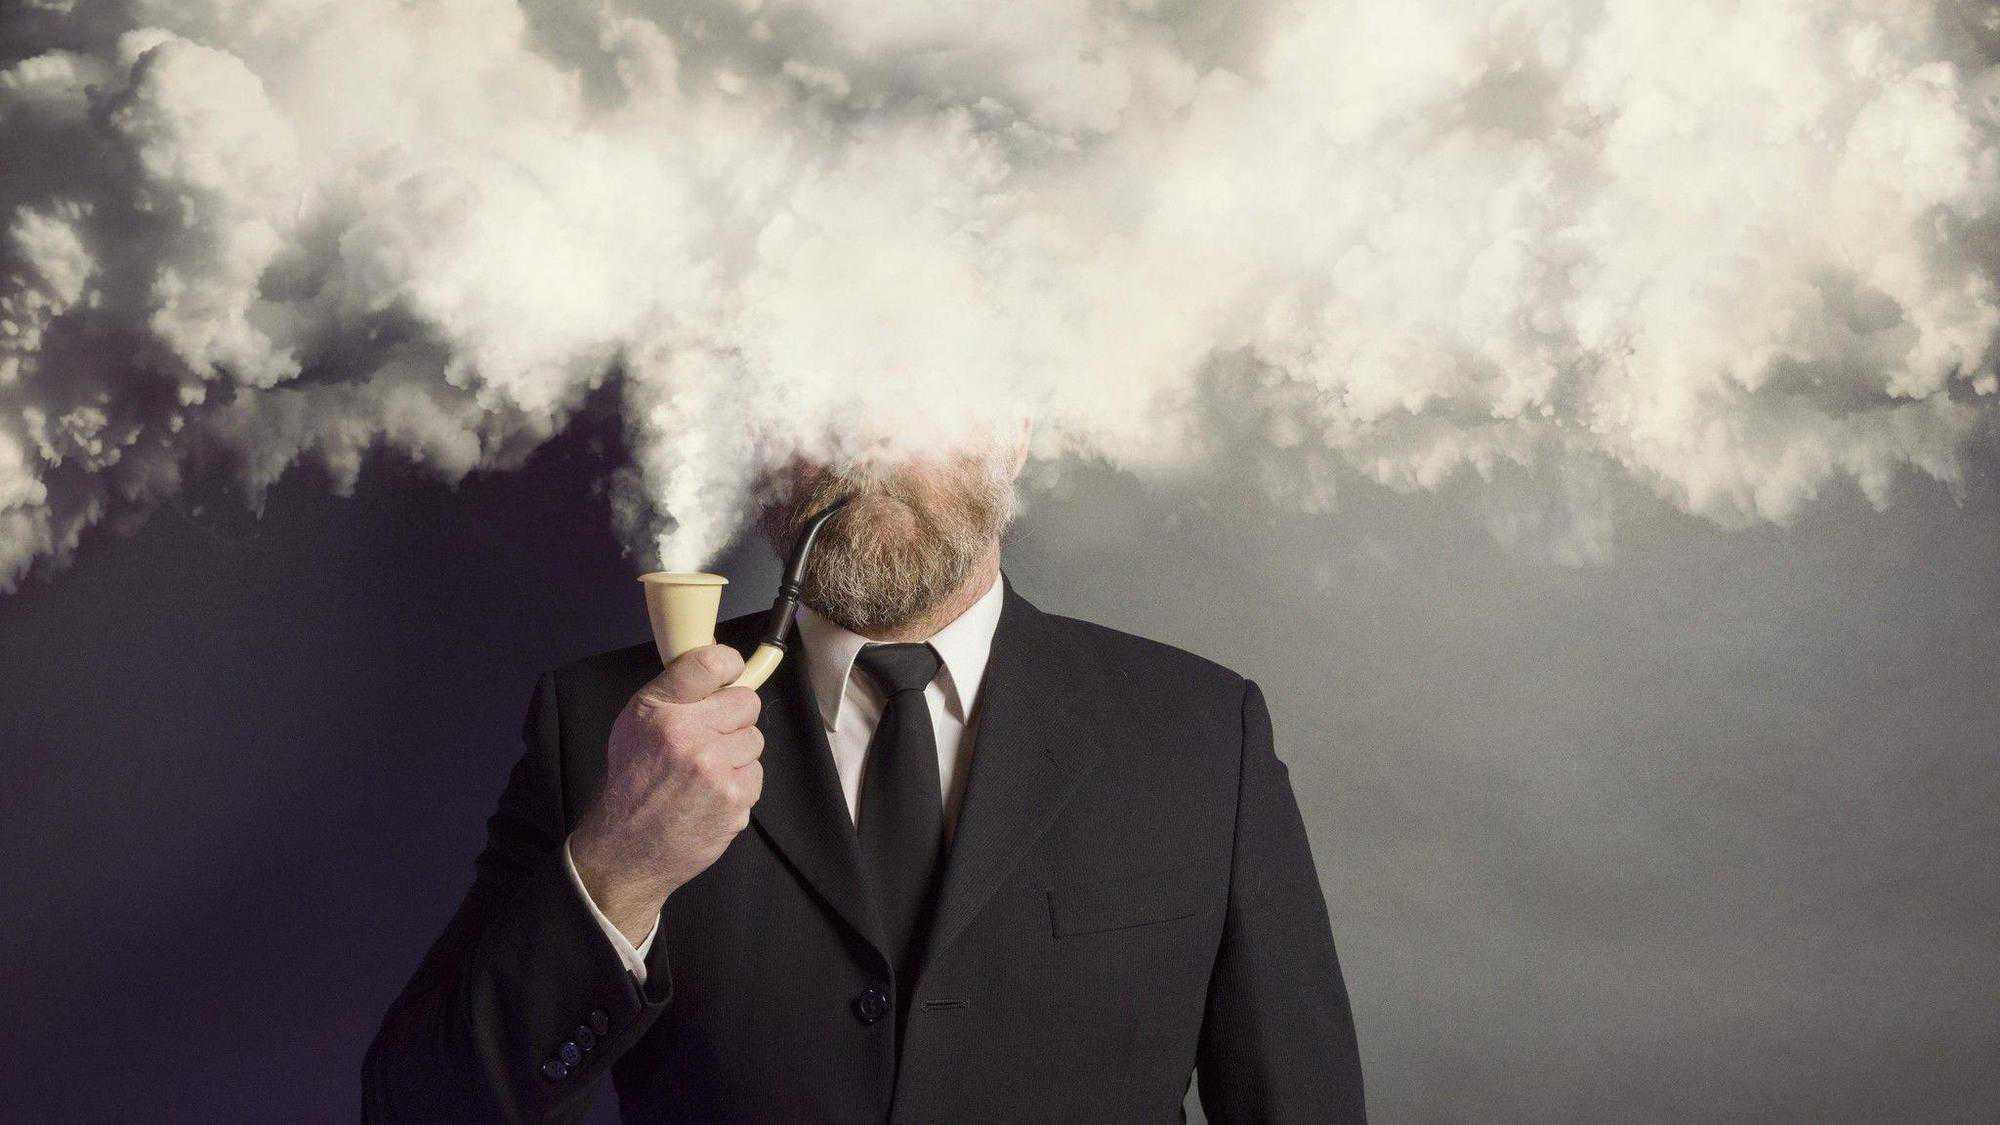 تعريف التدخين لغة واصطلاحا